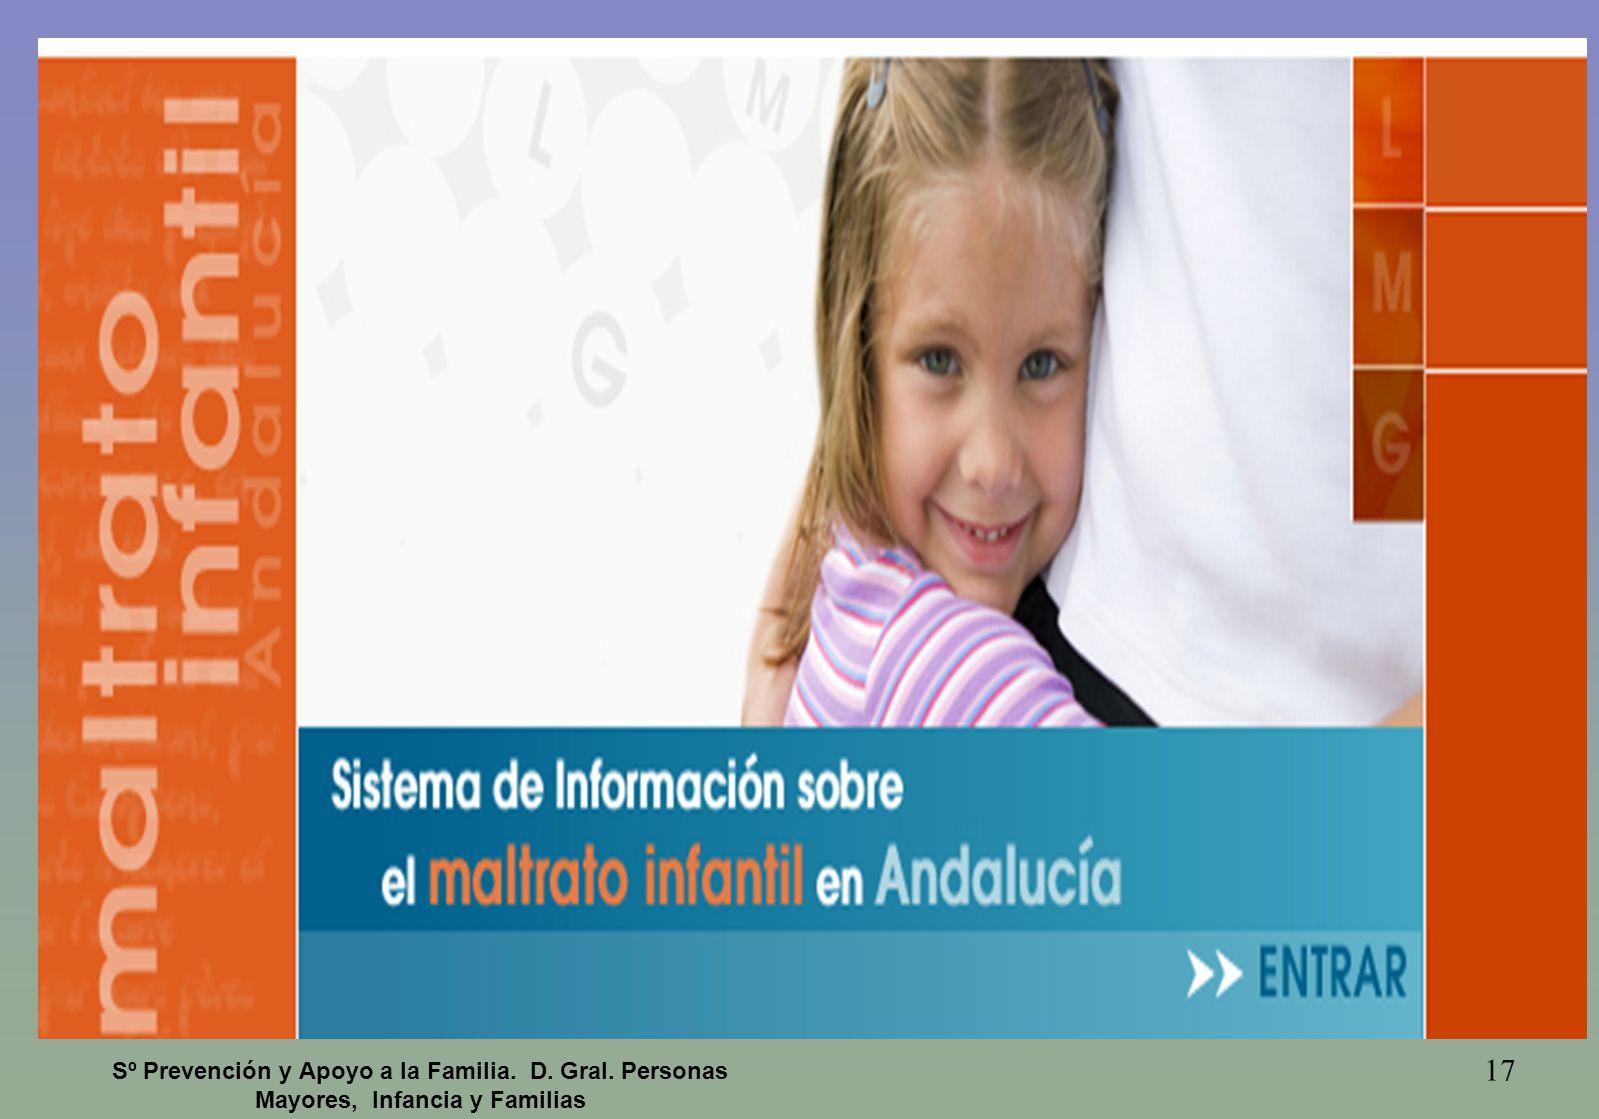 17 Sº Prevención y Apoyo a la Familia. D. Gral. Personas Mayores, Infancia y Familias